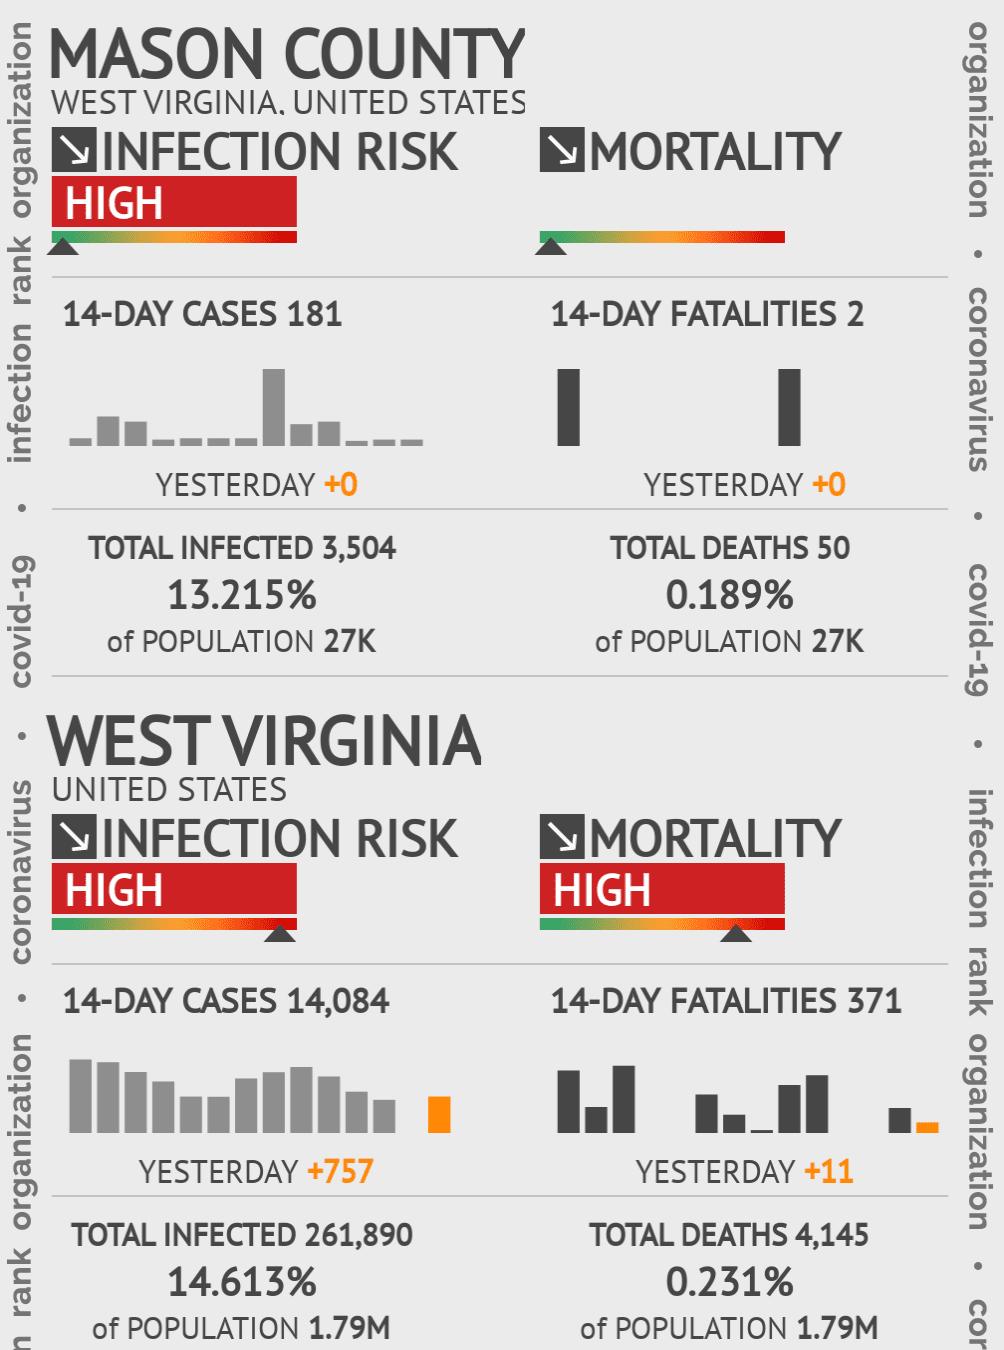 Mason County Coronavirus Covid-19 Risk of Infection on February 26, 2021